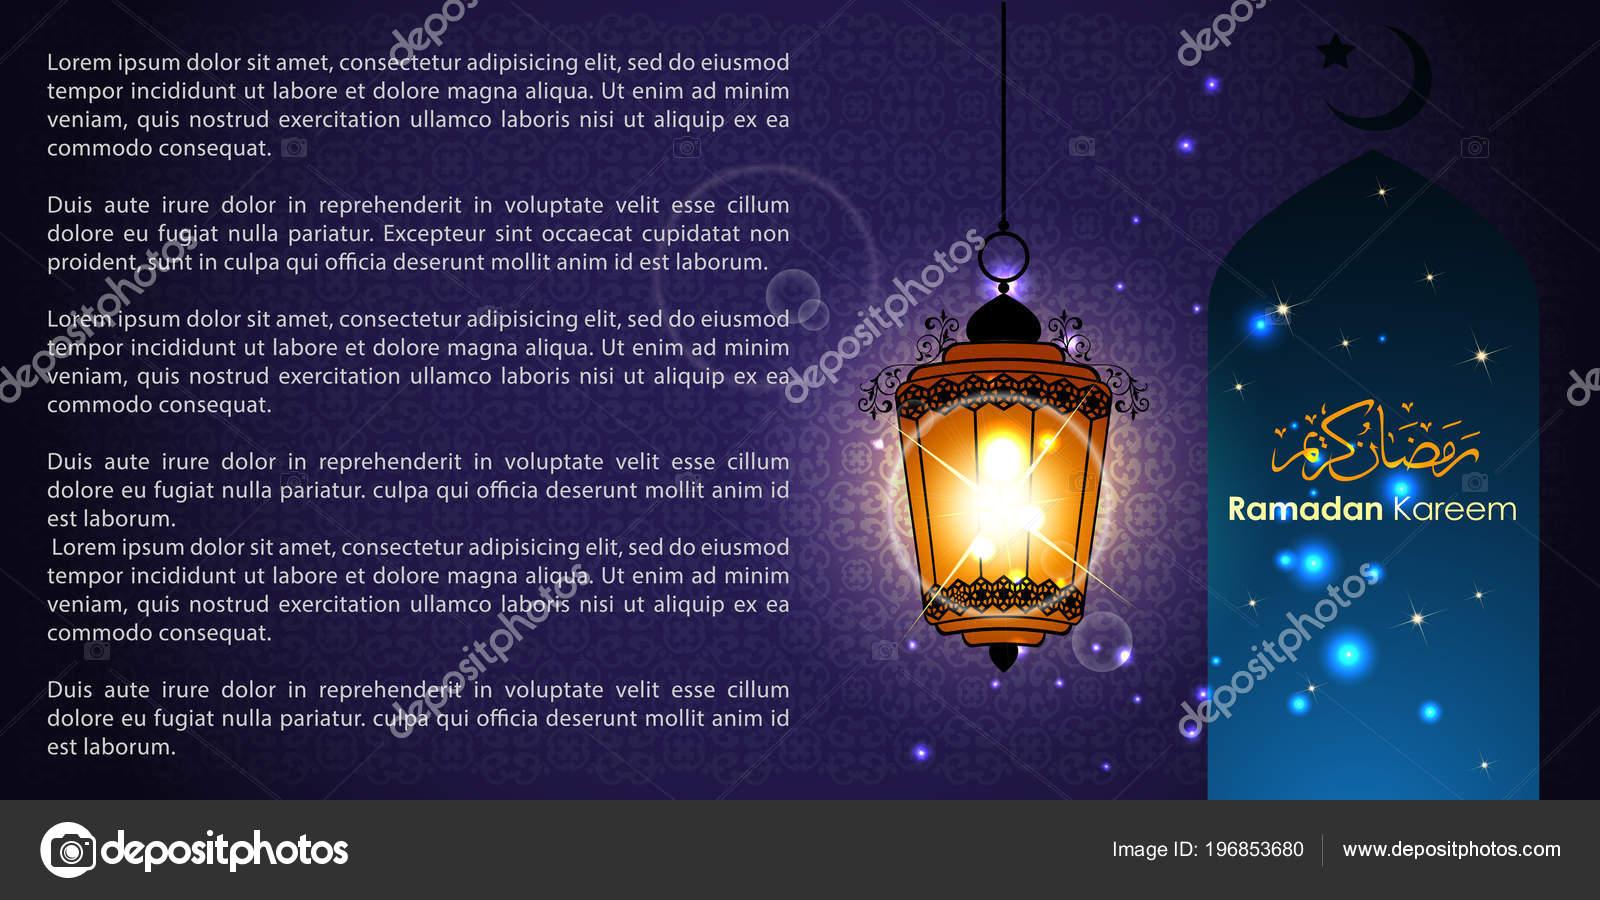 Ramadan greetings arabic script islamic greeting card holy month ramadan greetings arabic script islamic greeting card holy month ramadan stock vector m4hsunfo